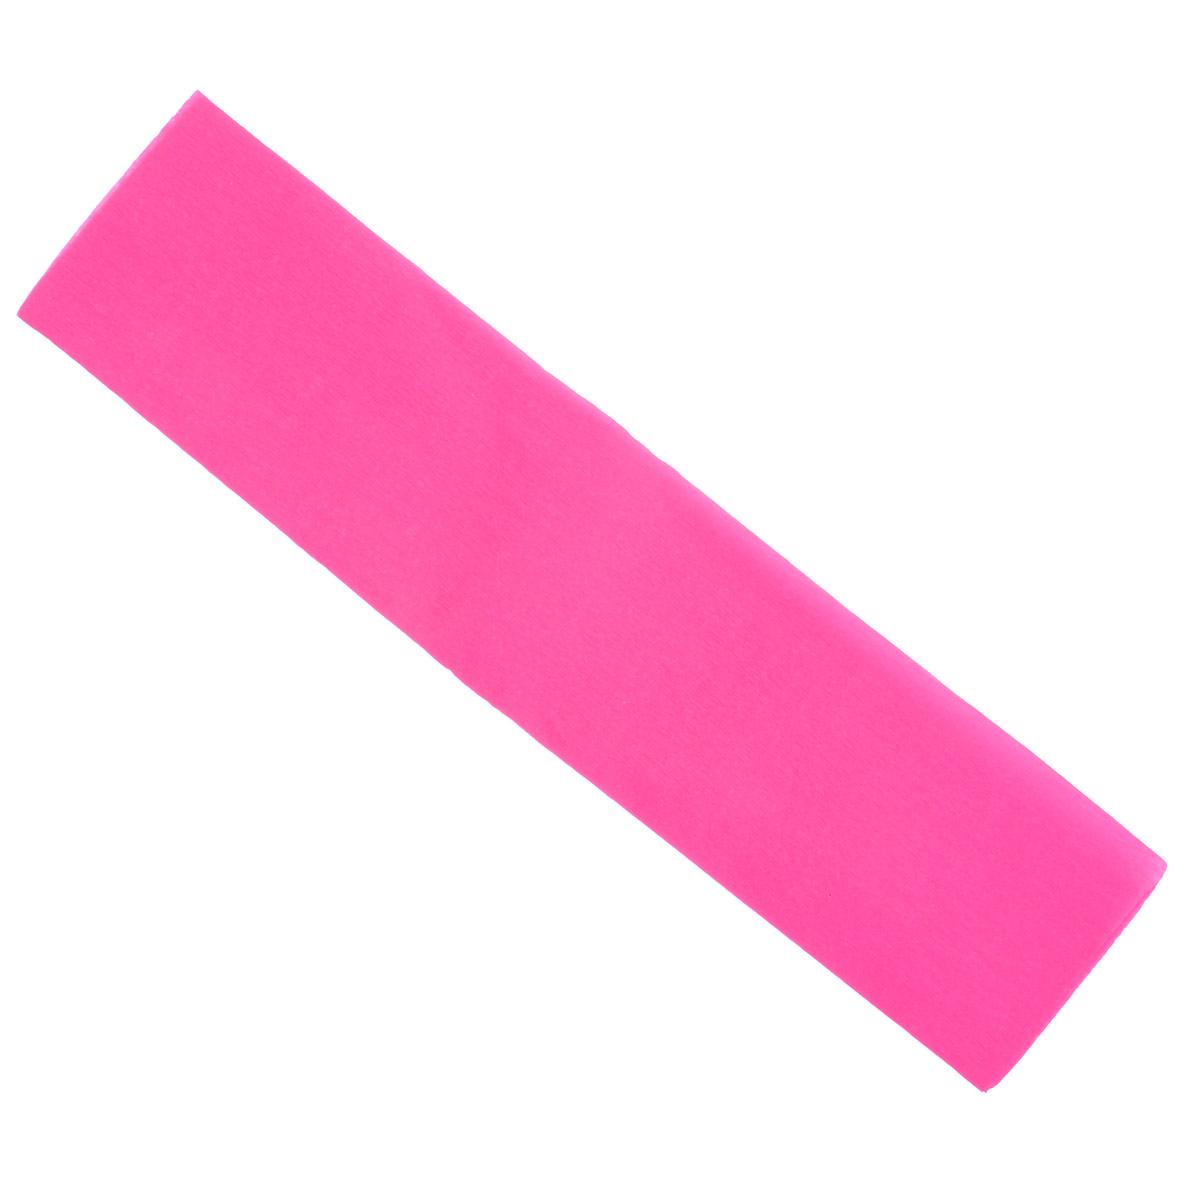 Крепированная бумага Hatber, флюоресцентная, цвет: розовый, 5 см х 25 см72523WDЦветная флюоресцентная бумага Hatber - отличный вариант для развития творчества вашего ребенка. Бумага с фактурным покрытием очень гибкая и мягкая, из нее можно создавать чудесные аппликации, игрушки, подарки и объемные поделки. Цветная флюоресцентная бумага Hatber способствует развитию фантазии, цветовосприятия и мелкой моторики рук. Размер бумаги - 5 см х 25 см.